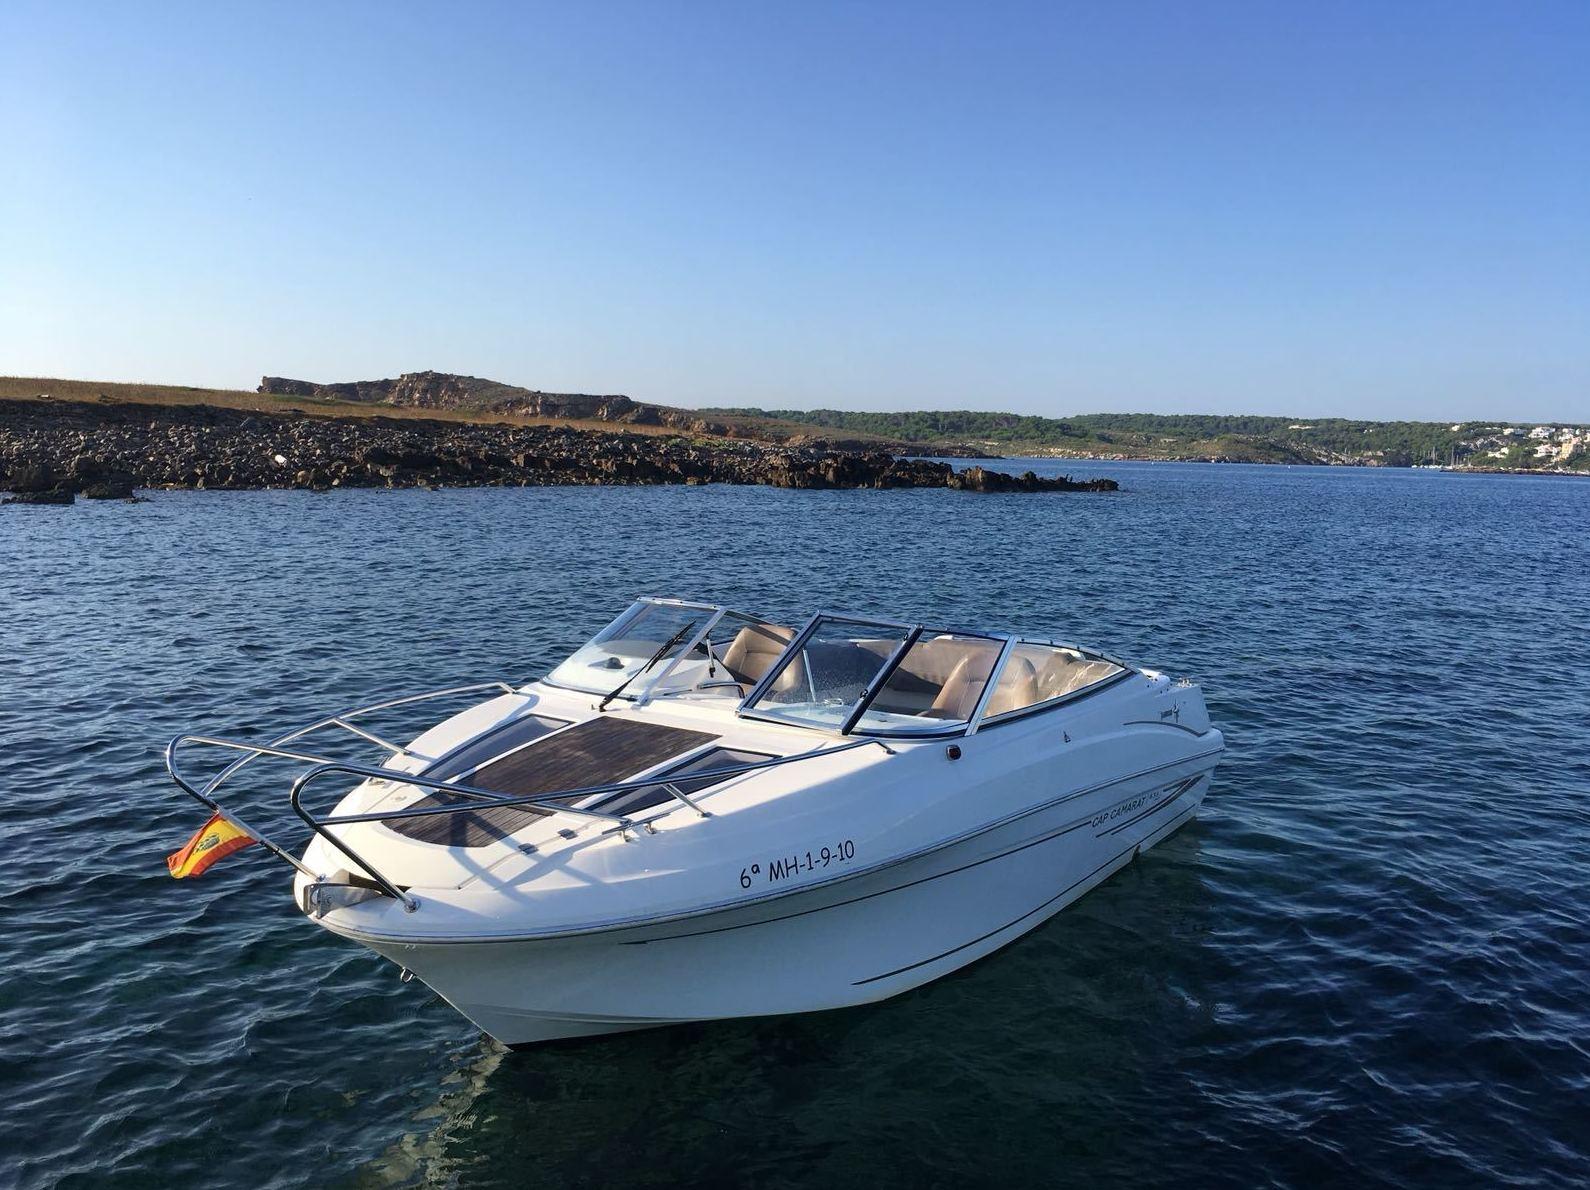 Foto 6 de Venta y alquiler de embarcacione en Port d'Addaia | Náutica Puig